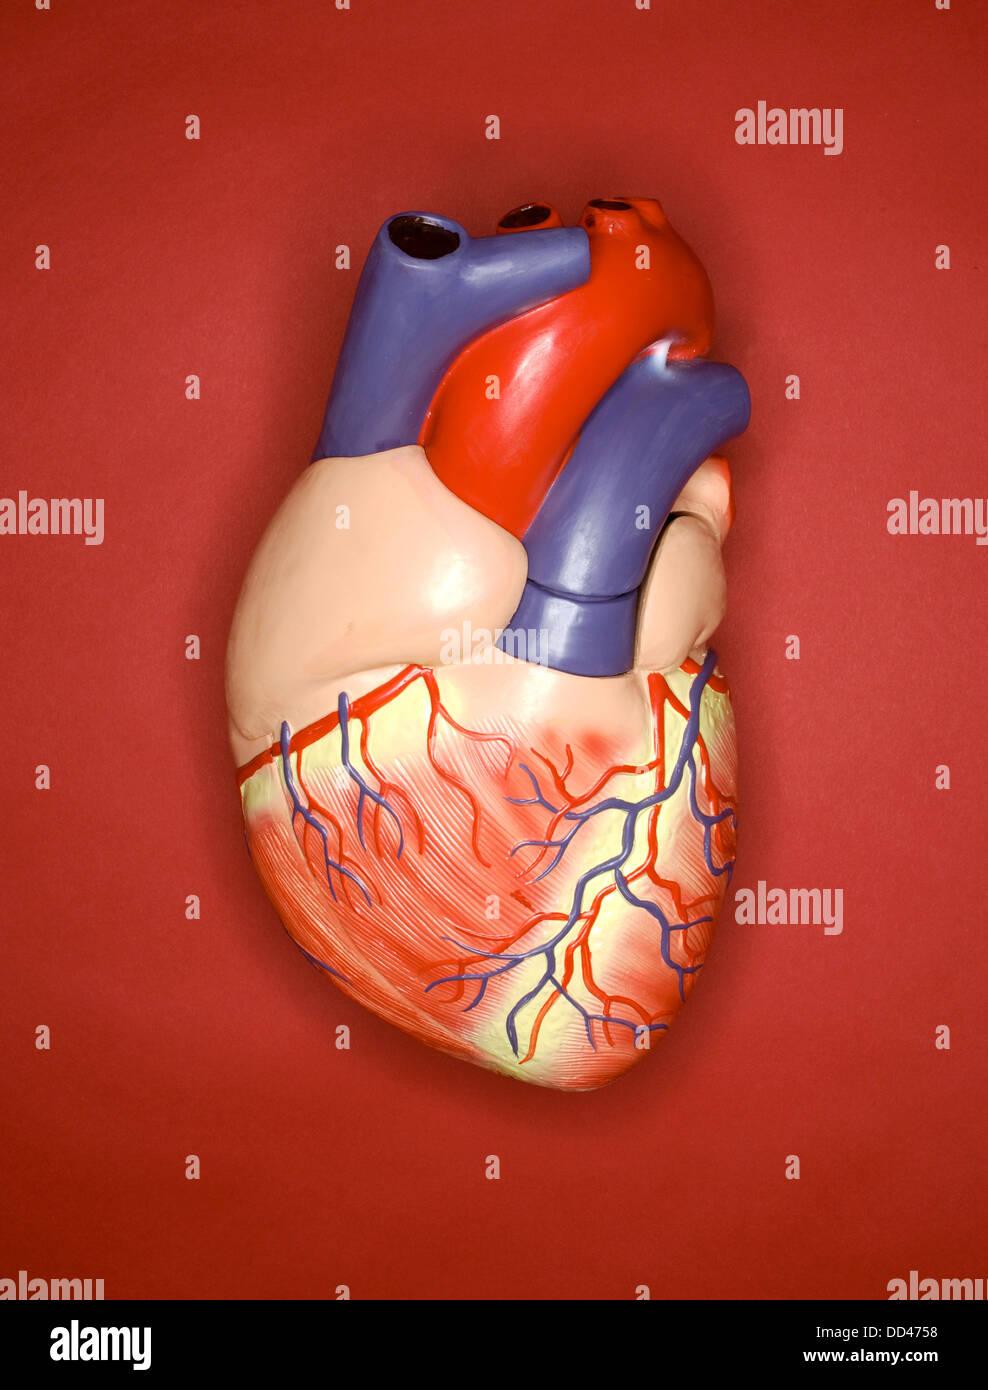 Un modelo de plástico del corazón humano sobre un fondo rojo. Imagen De Stock